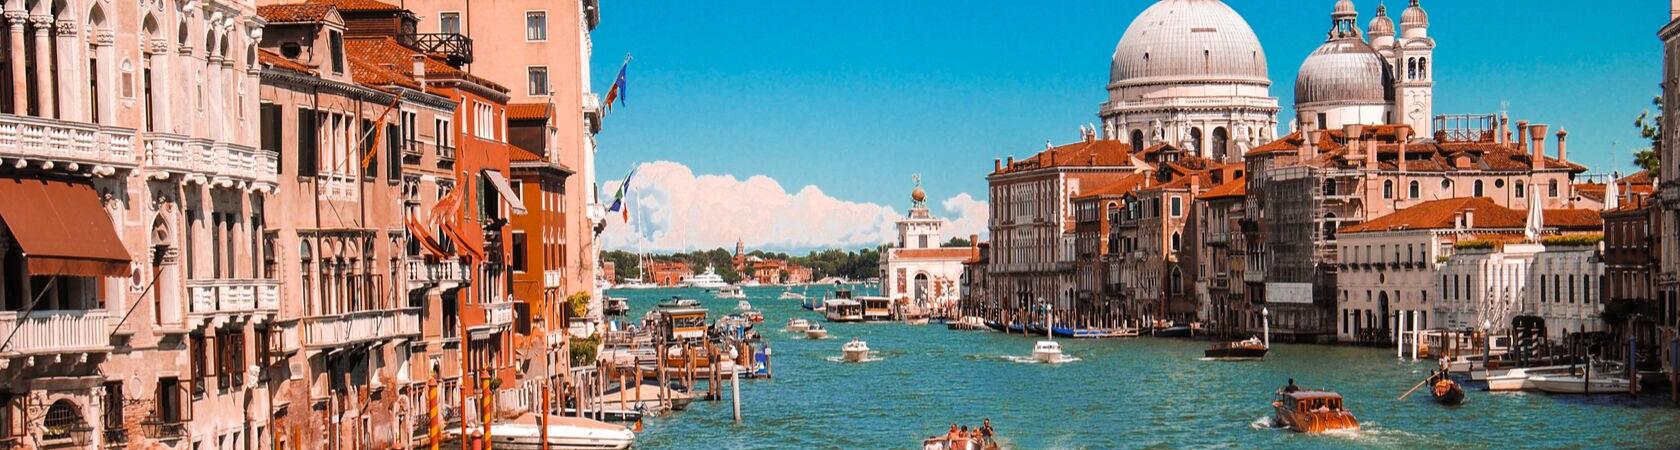 Poznata mesta iz filmova u Italiji